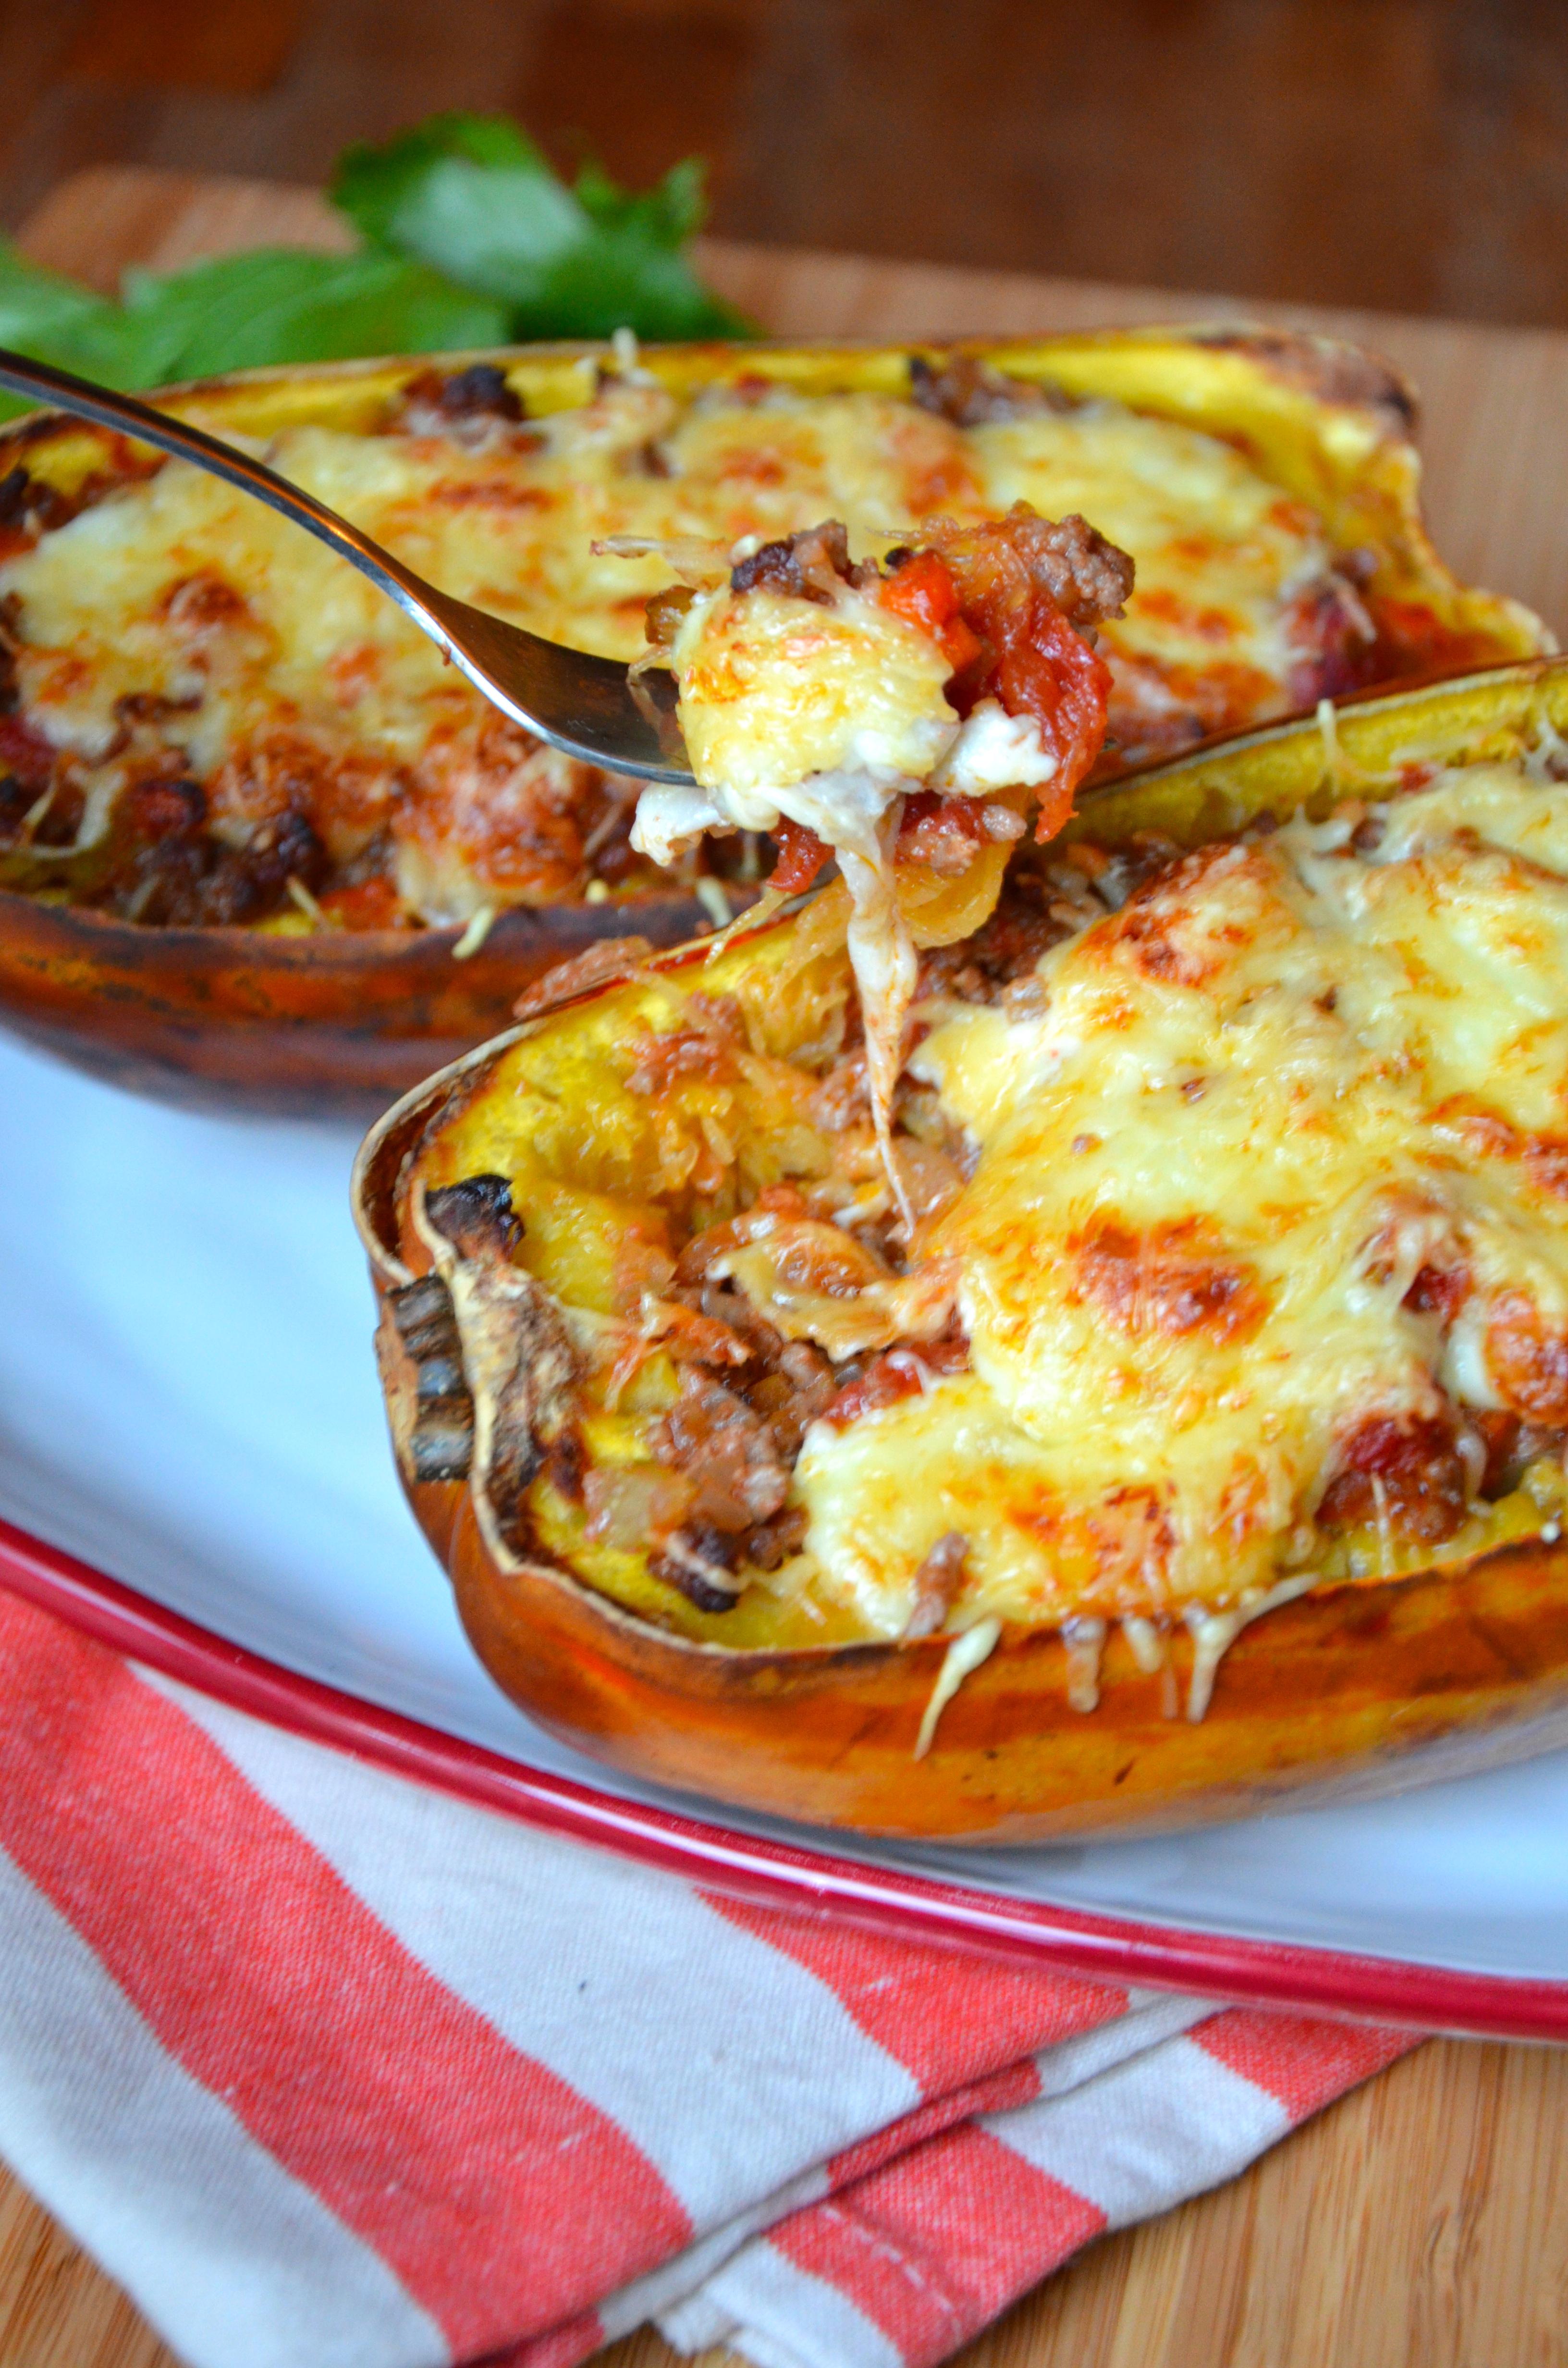 Courge spaghetti la bolognaise bolognese spaghetti squash boats my cooking instinct - Cuisiner des saucisses de strasbourg ...